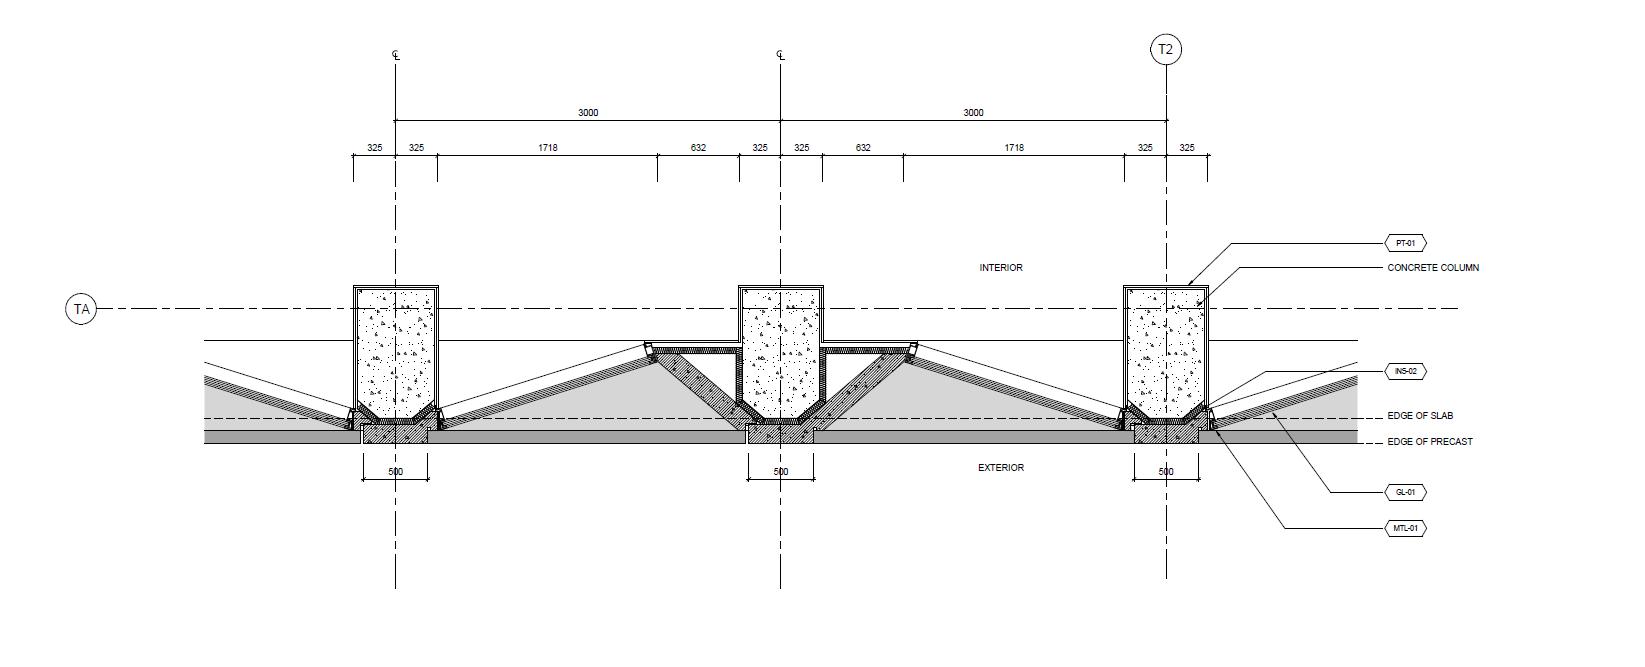 2019-02-09 07_06_55-A720.pdf - Adobe Acrobat Pro DC.png